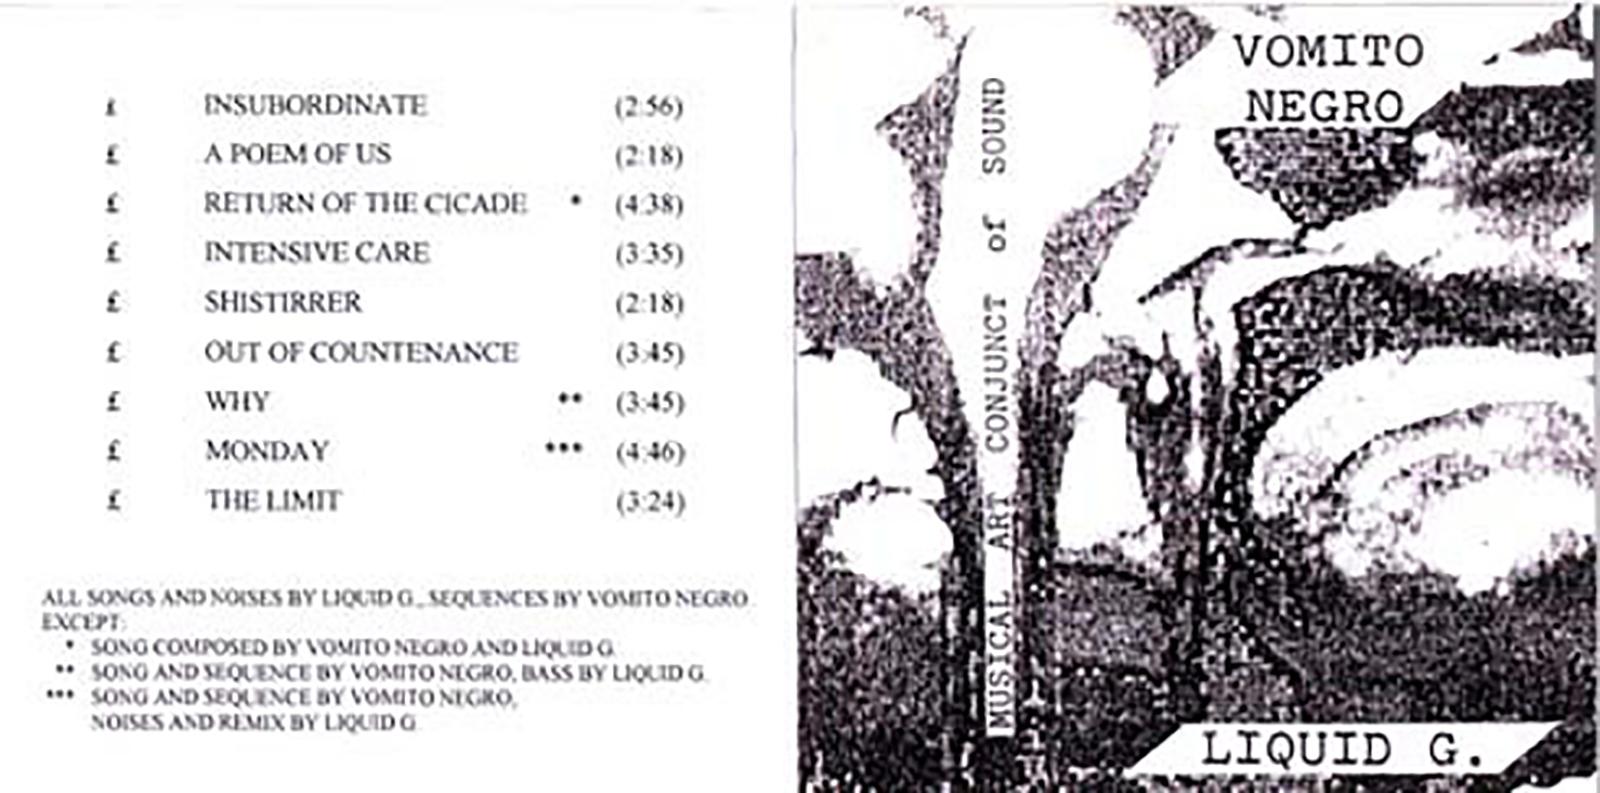 Vomito Negro & Liquid G. – M.A.C.S. (ZNS TAPES, CASSETTE C-35, 1989) (MP3 192)